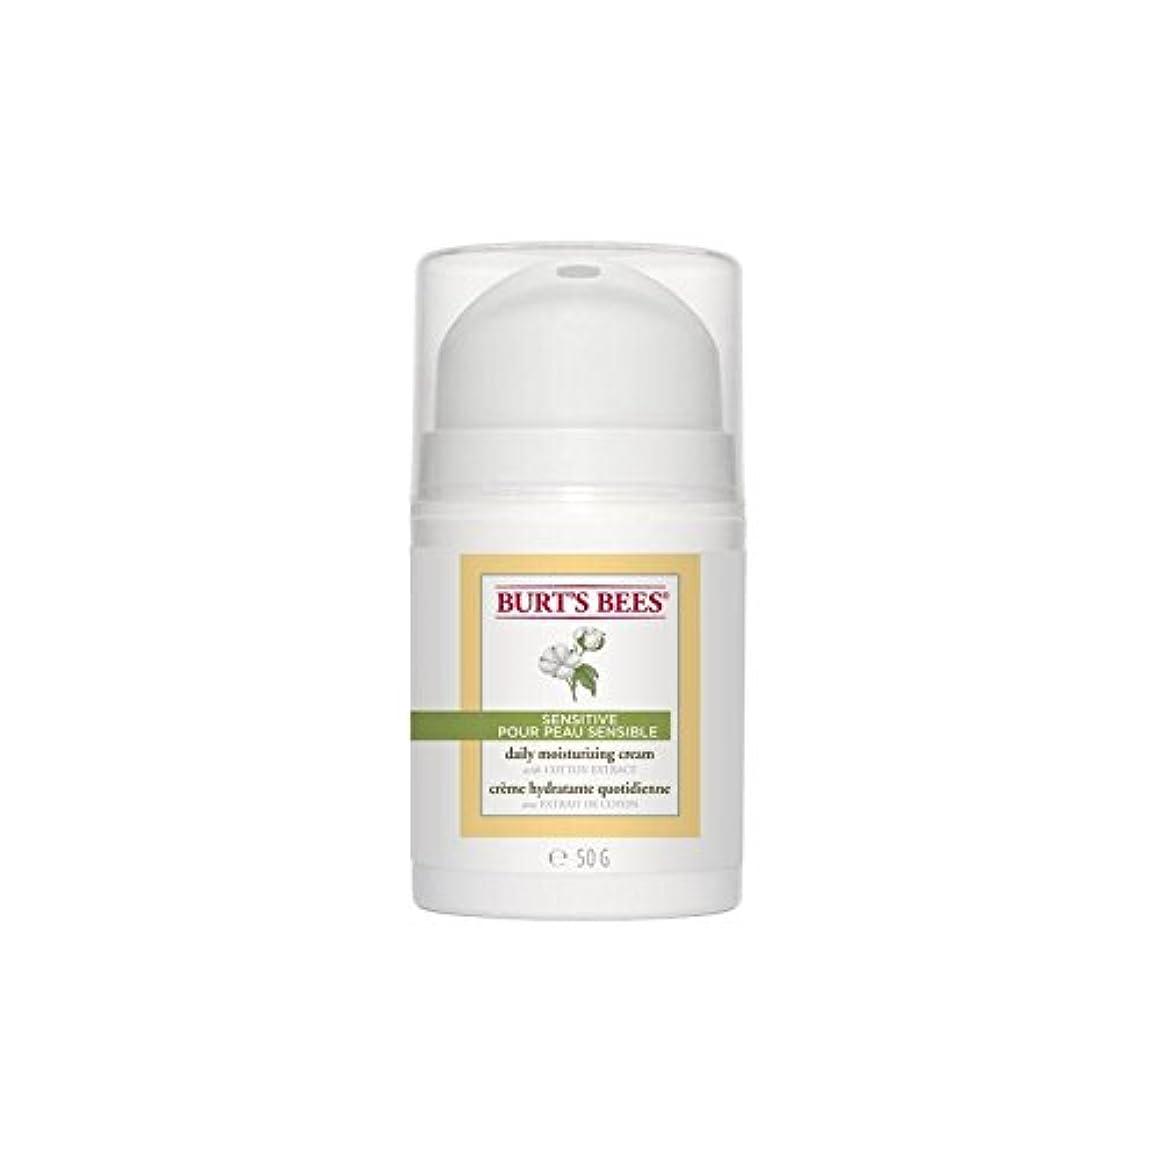 属する哲学博士スキャンダラスBurt's Bees Sensitive Daily Moisturising Cream 50G - バーツビー敏感毎日保湿クリーム50グラム [並行輸入品]